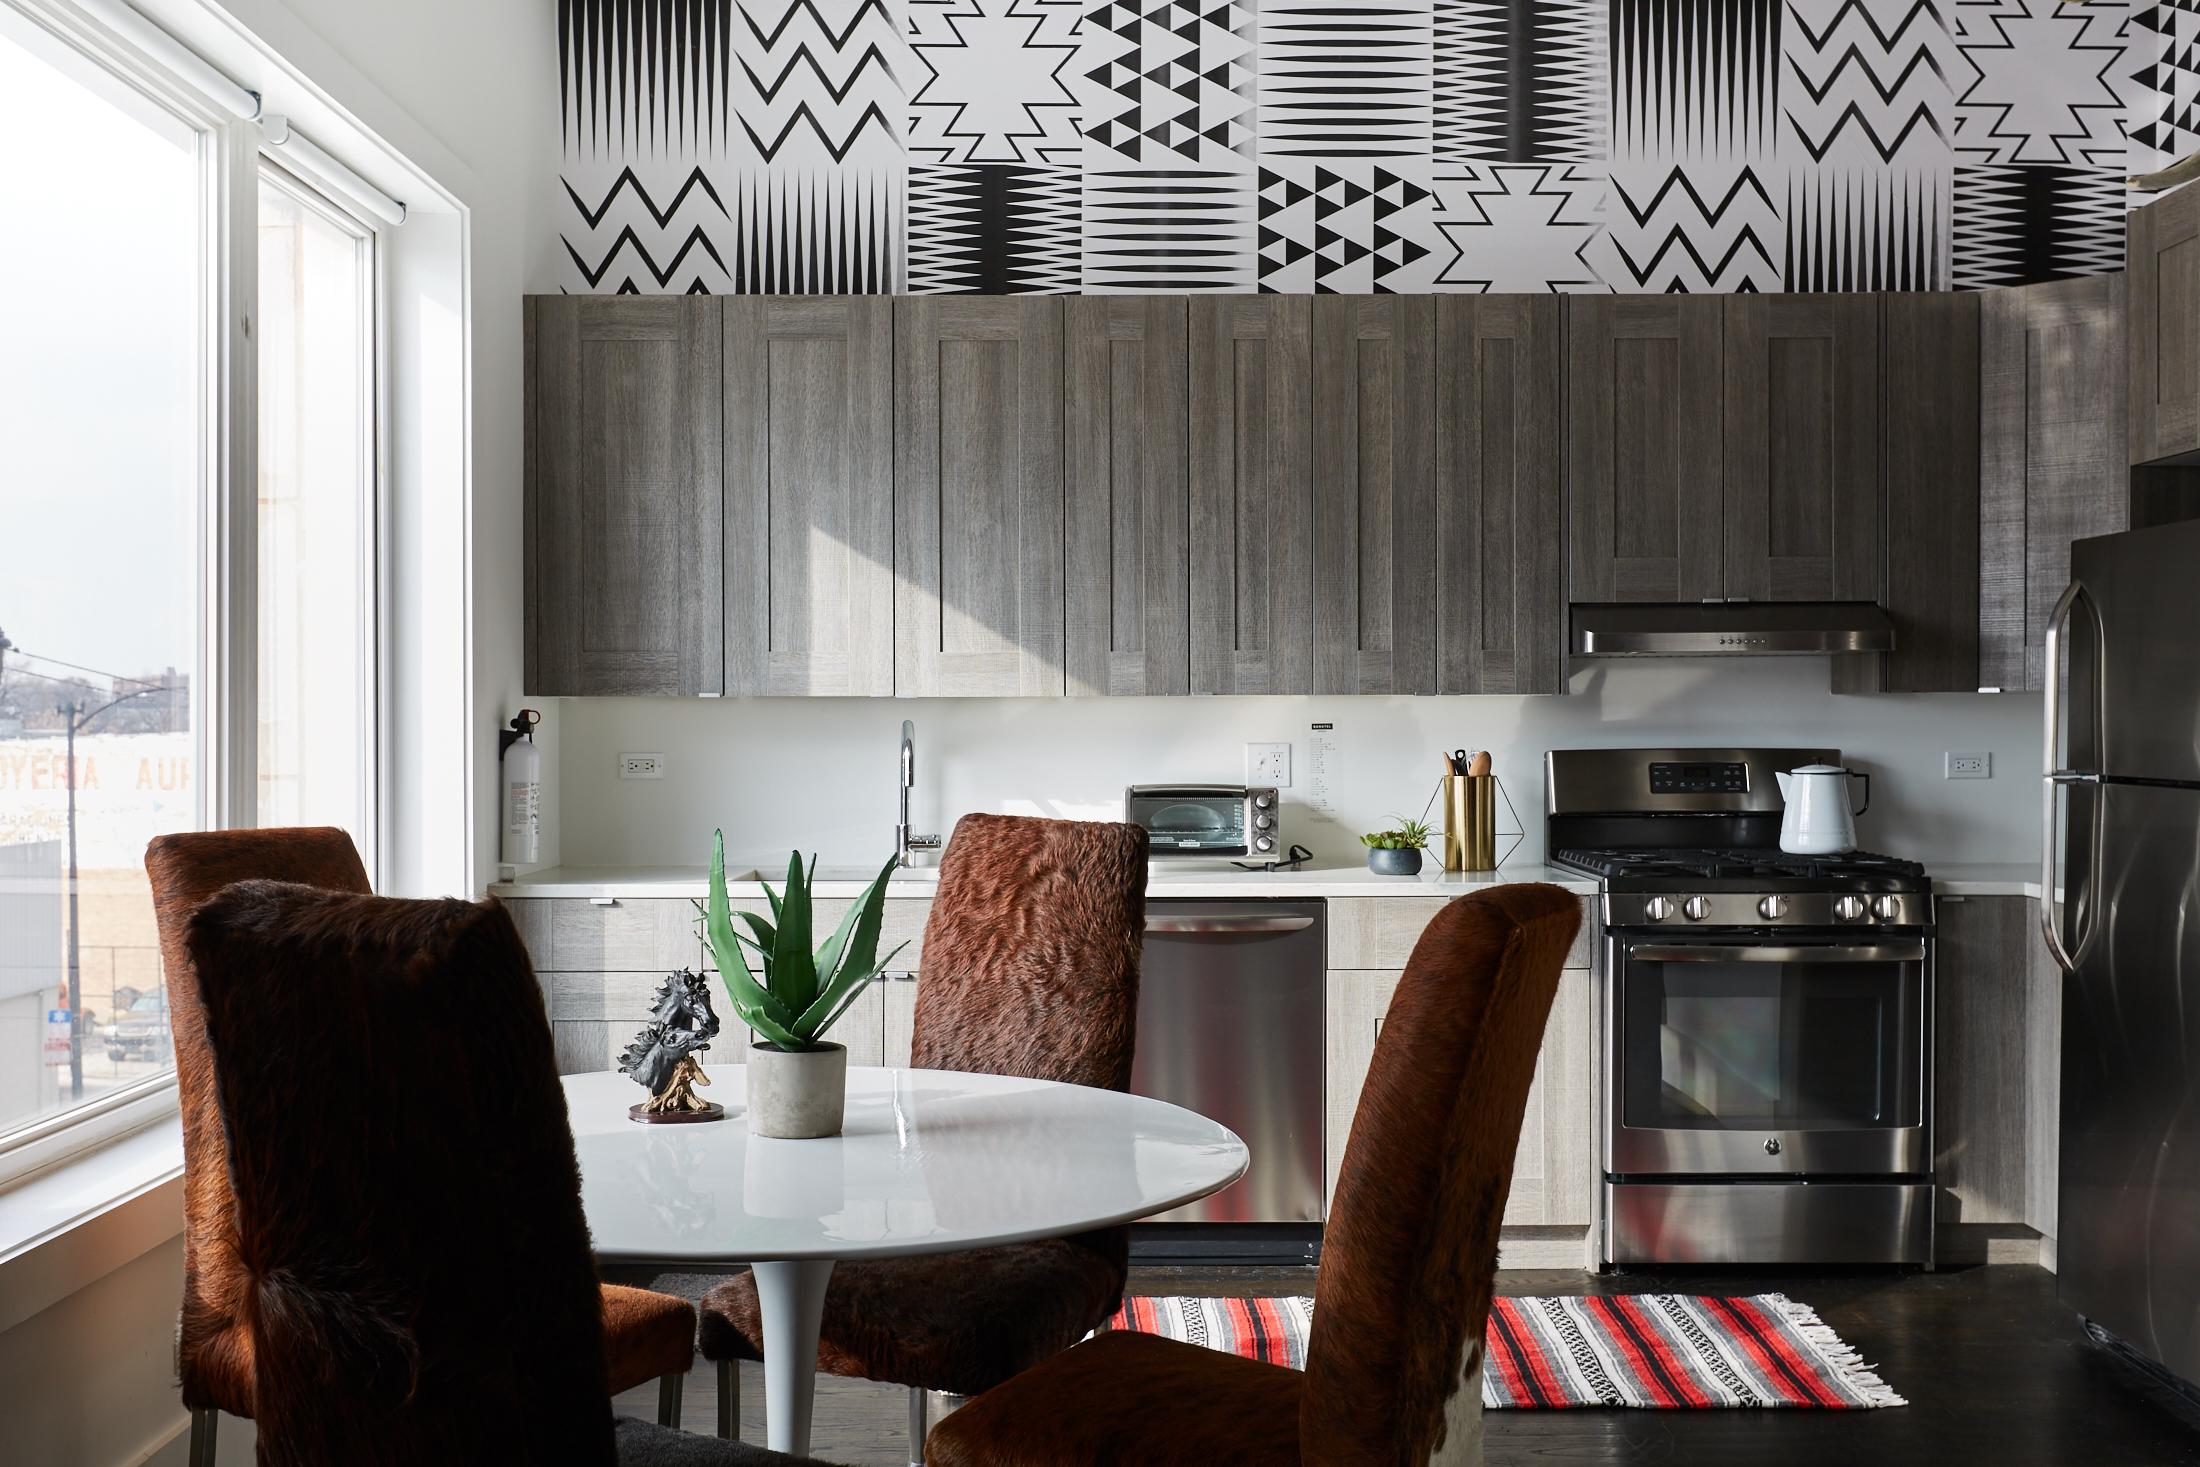 El_Motel_Kitchen_Dining_885.jpg